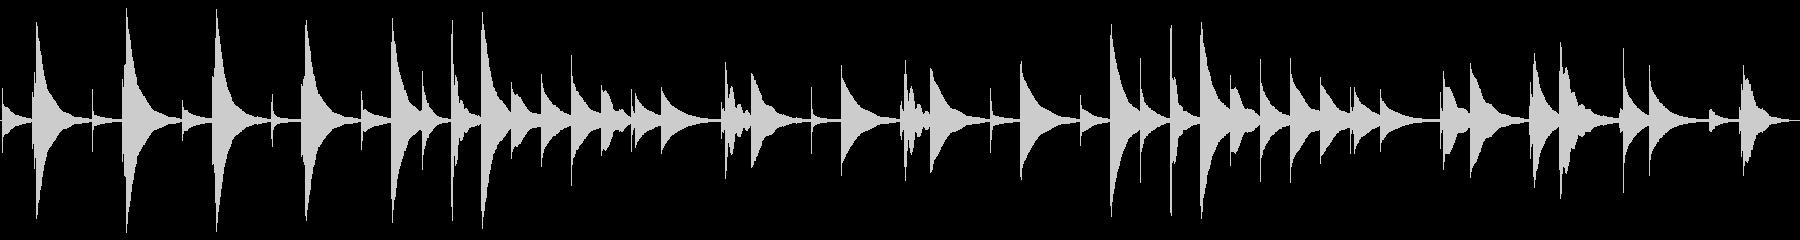 【オルゴール】ジムノぺディ/ループokの未再生の波形